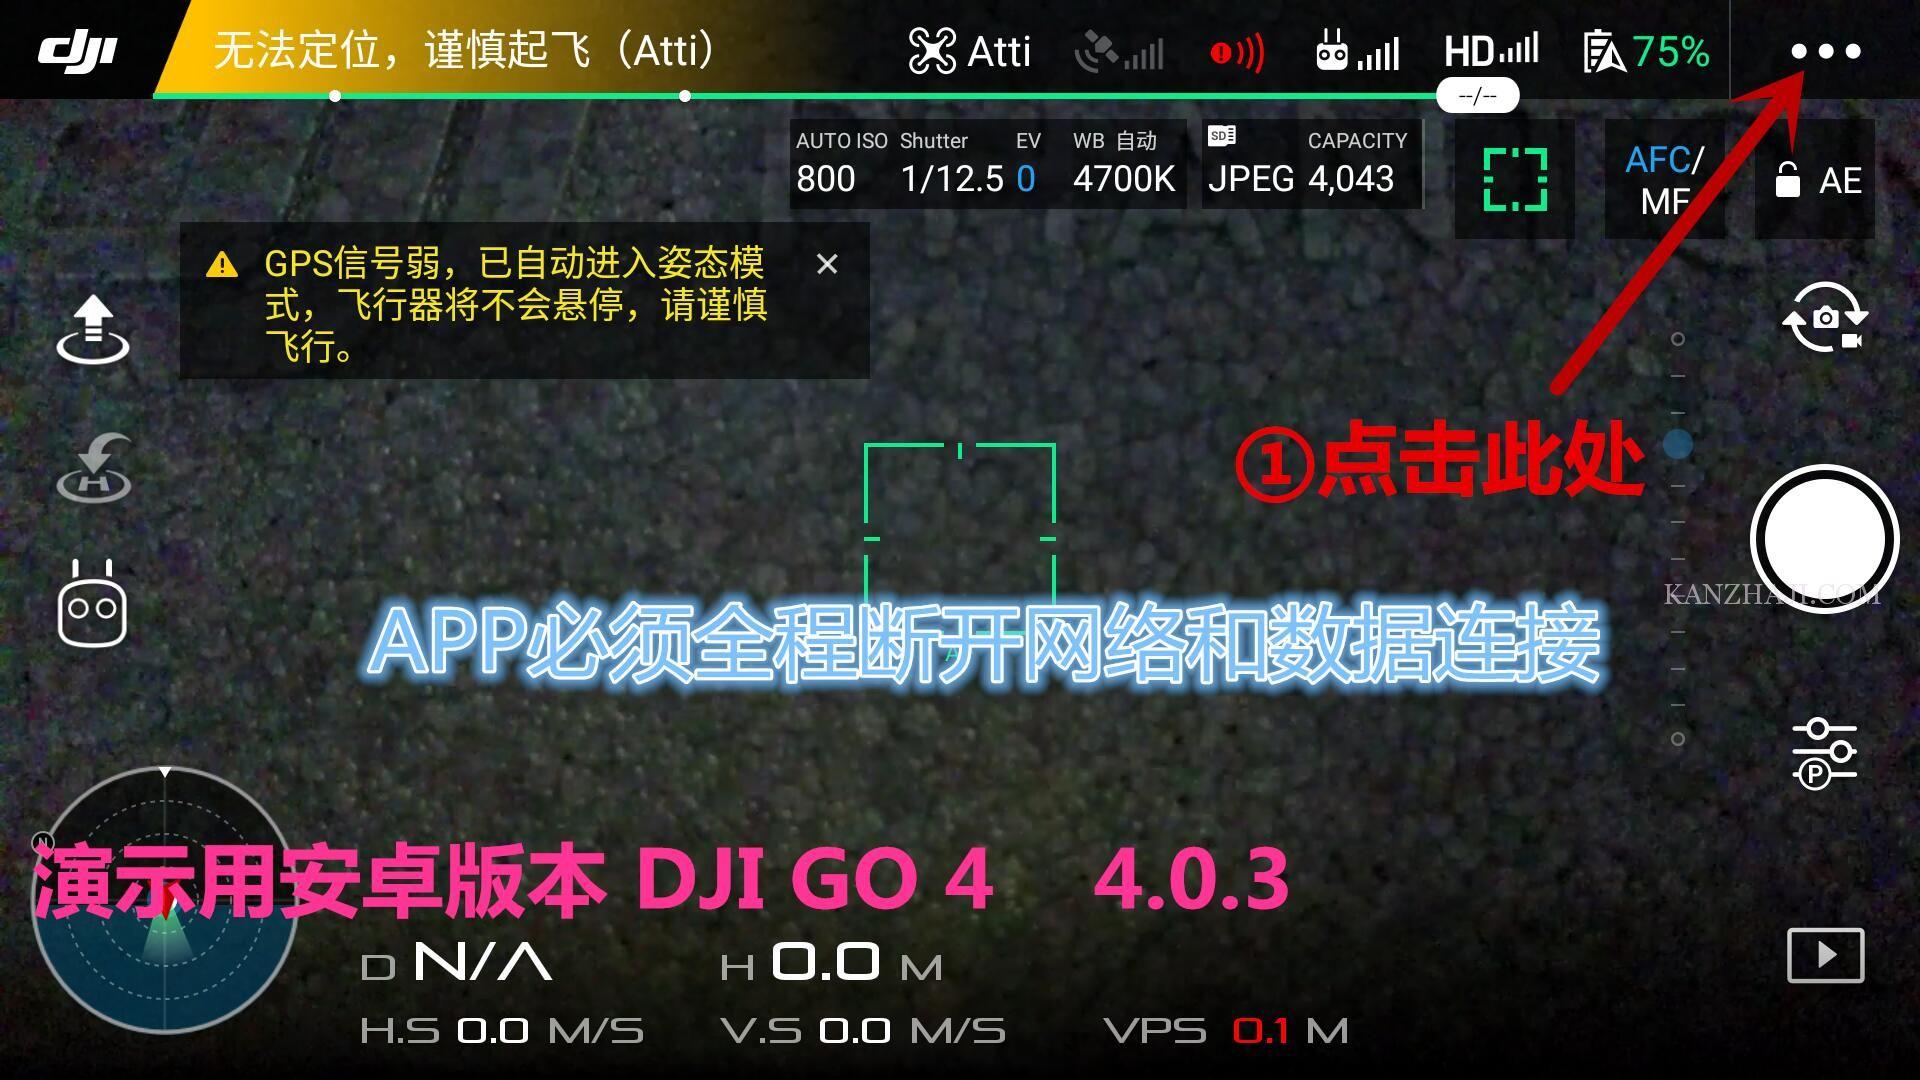 DJI GO切换FCC无线电制式 纯软方法无需外部软件